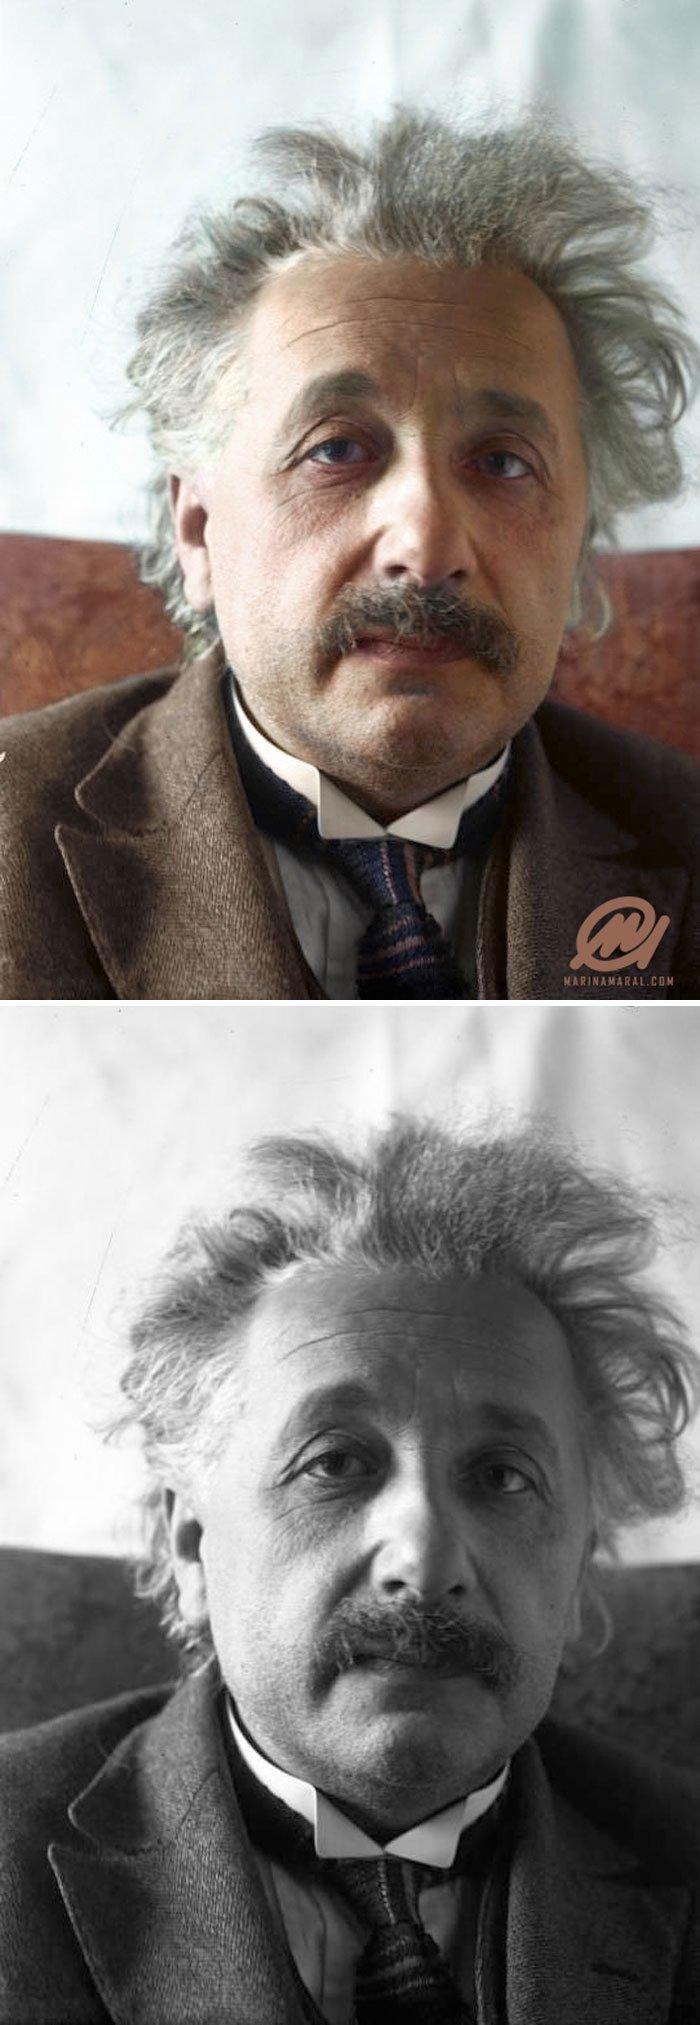 Альберт Эйнштейн, 1 марта 1921 года история, портрет, прошлое, событие, фотография, фотомир, цвет